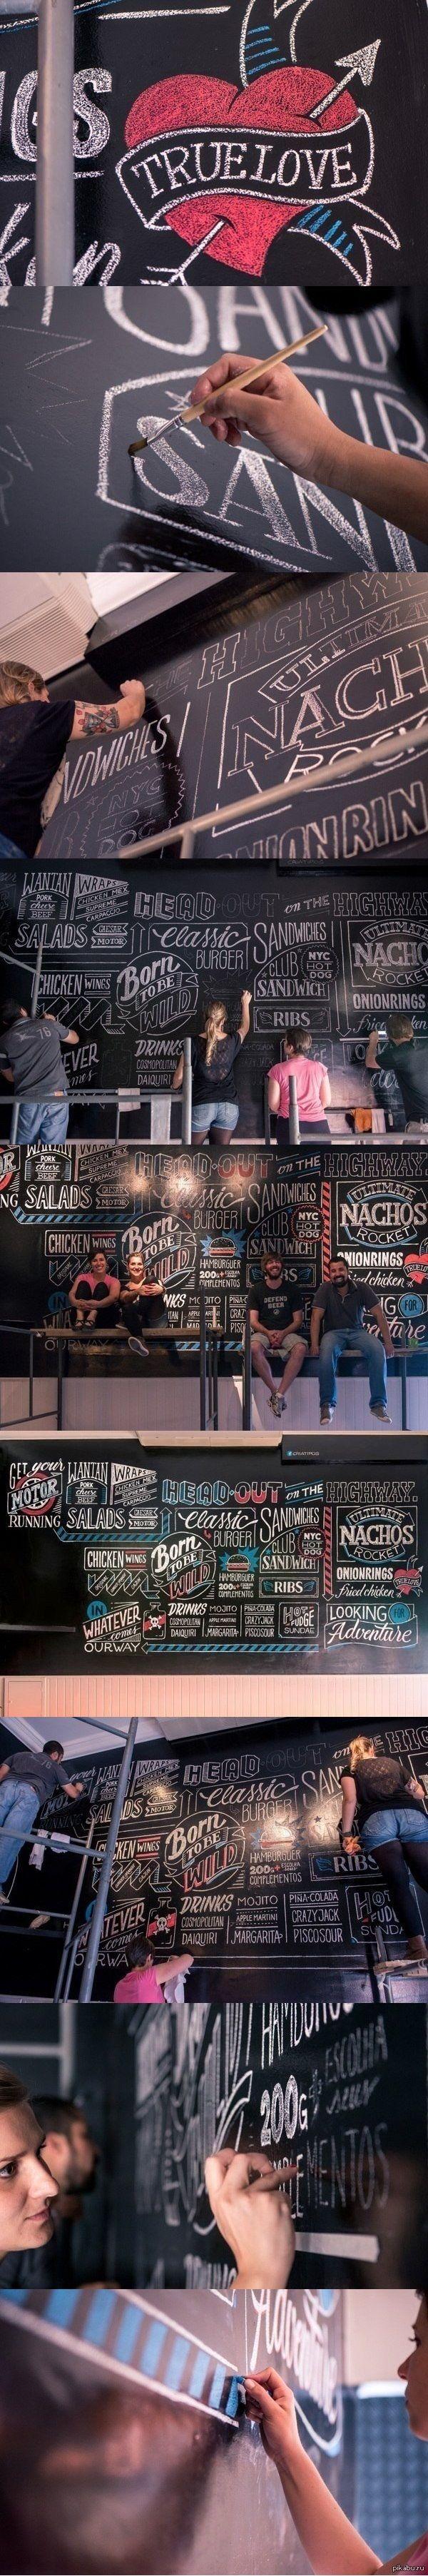 Процесс создания леттеринга кафе от студии Criatipos   длиннопост, леттеринг, кафе, дизайн